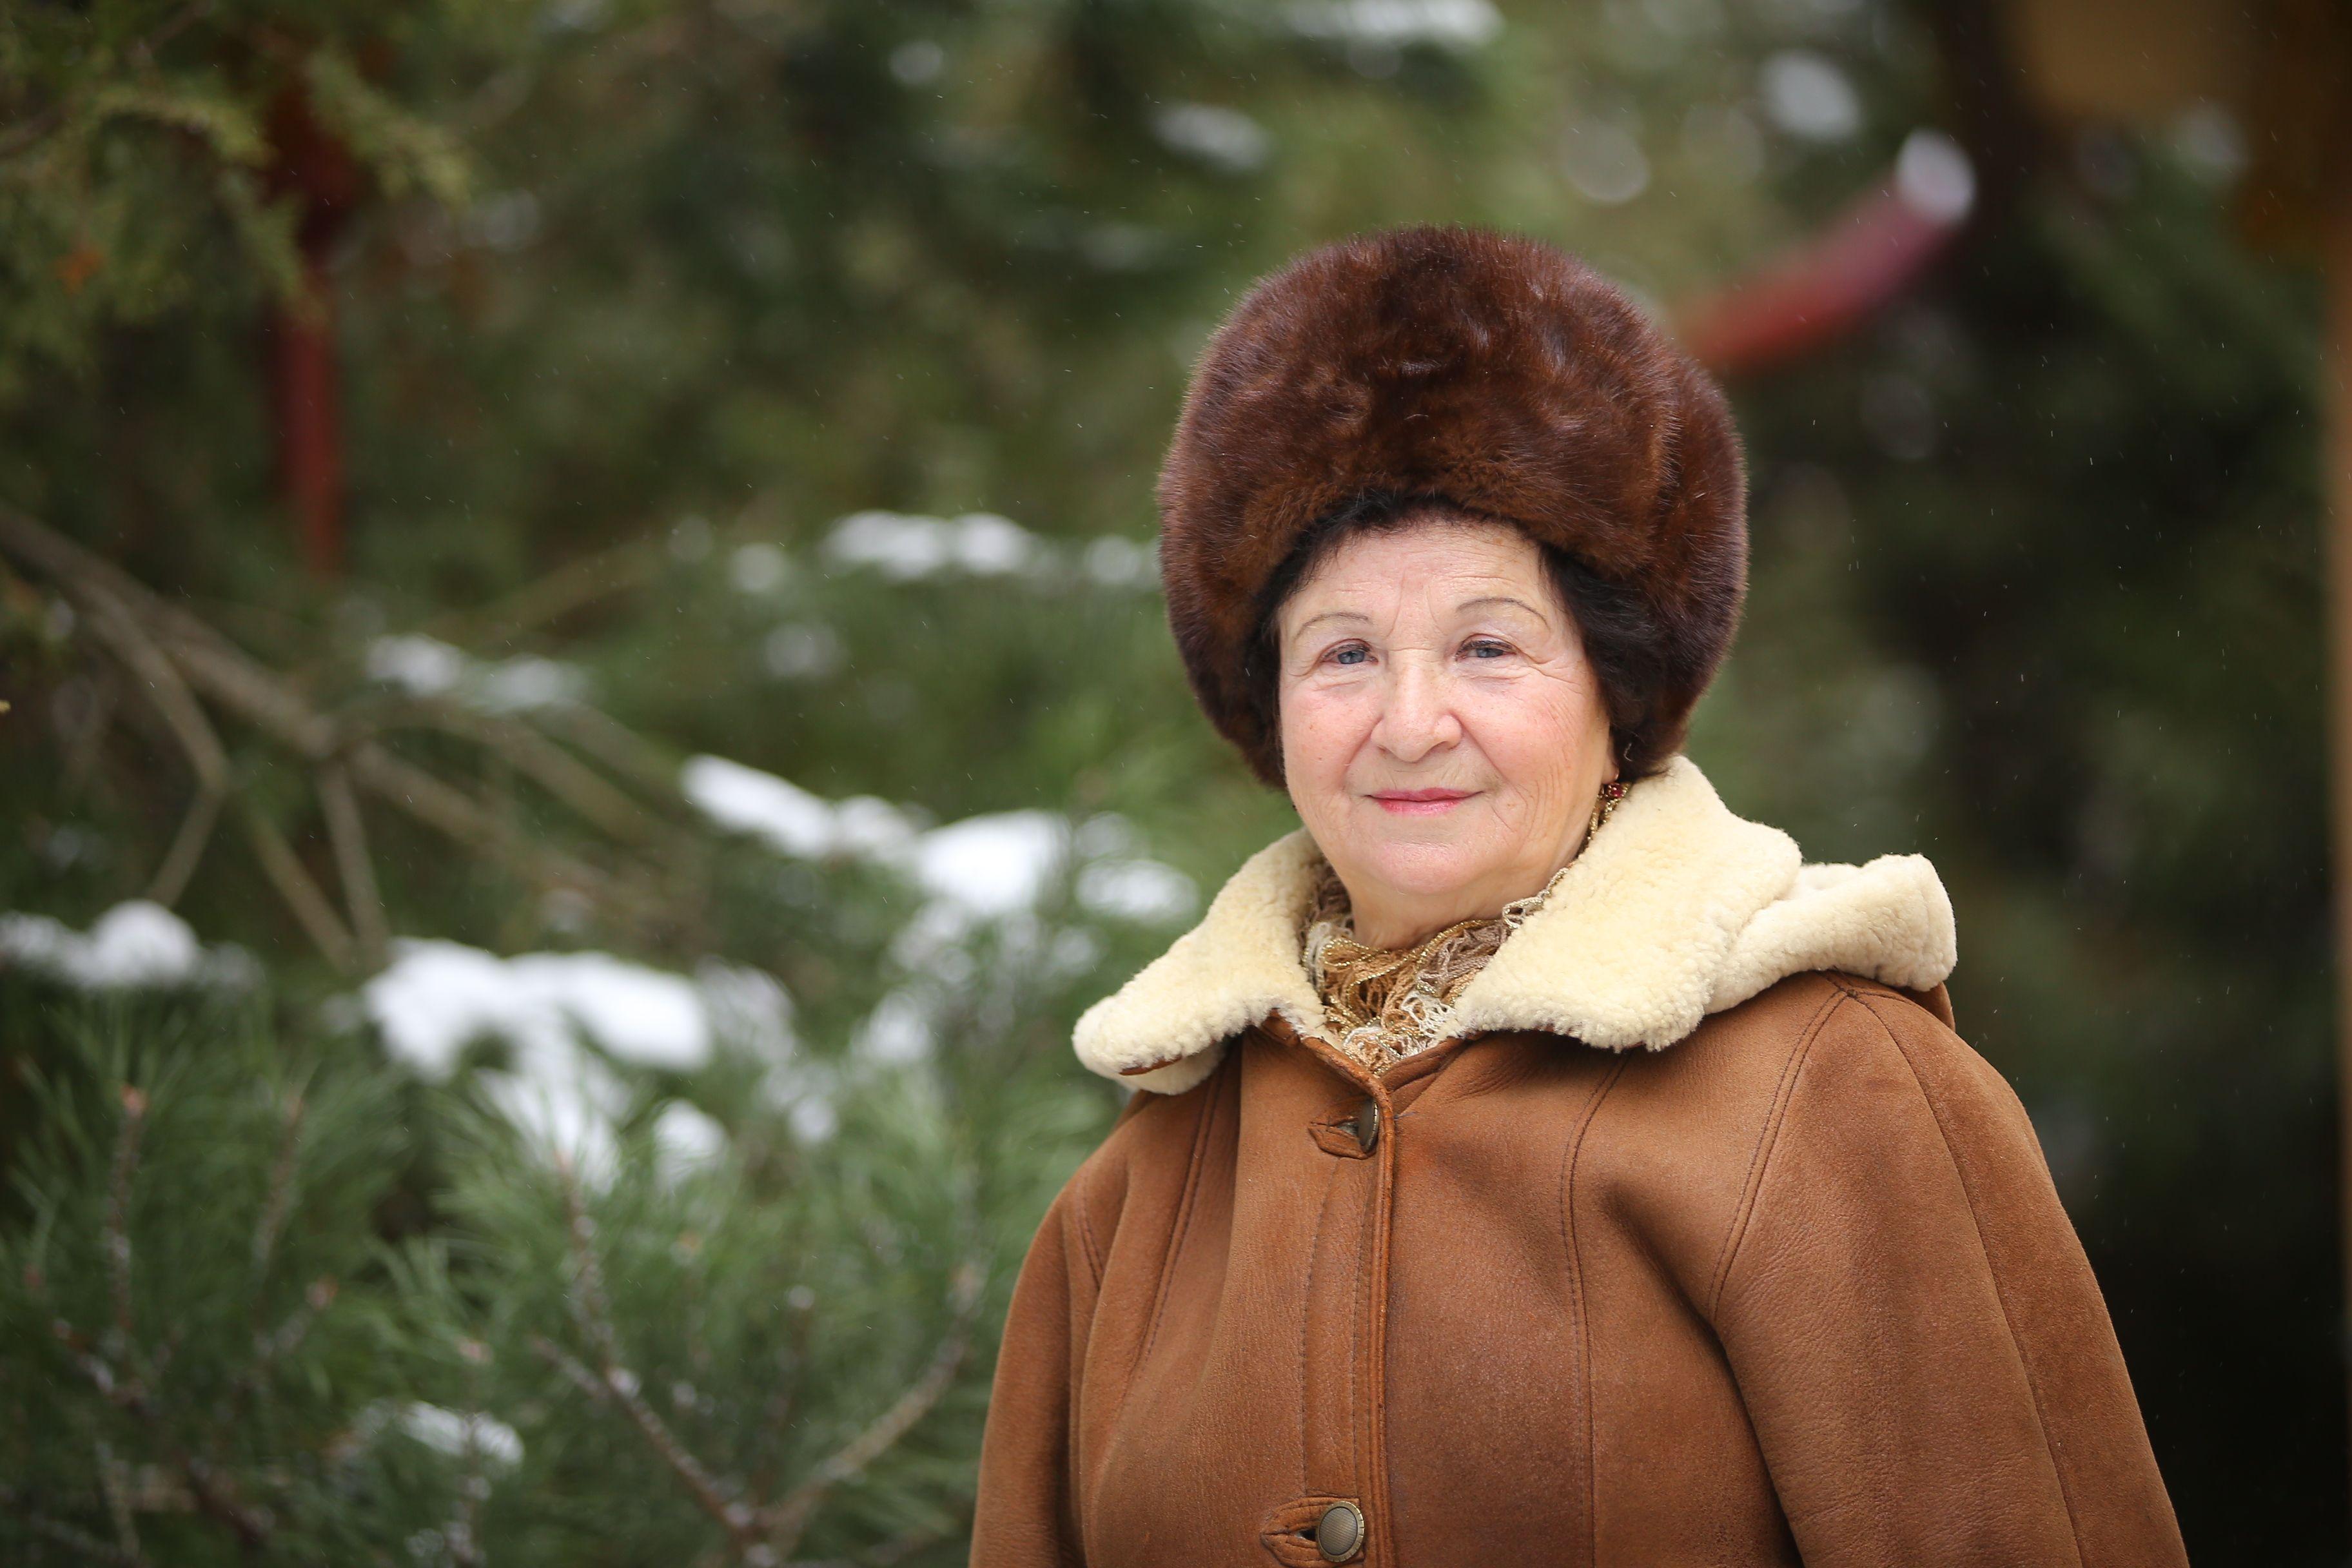 74-летняя Лариса Пузинас рассказала Intex-press о своей жизни в Израиле. Фото: Александр Короб